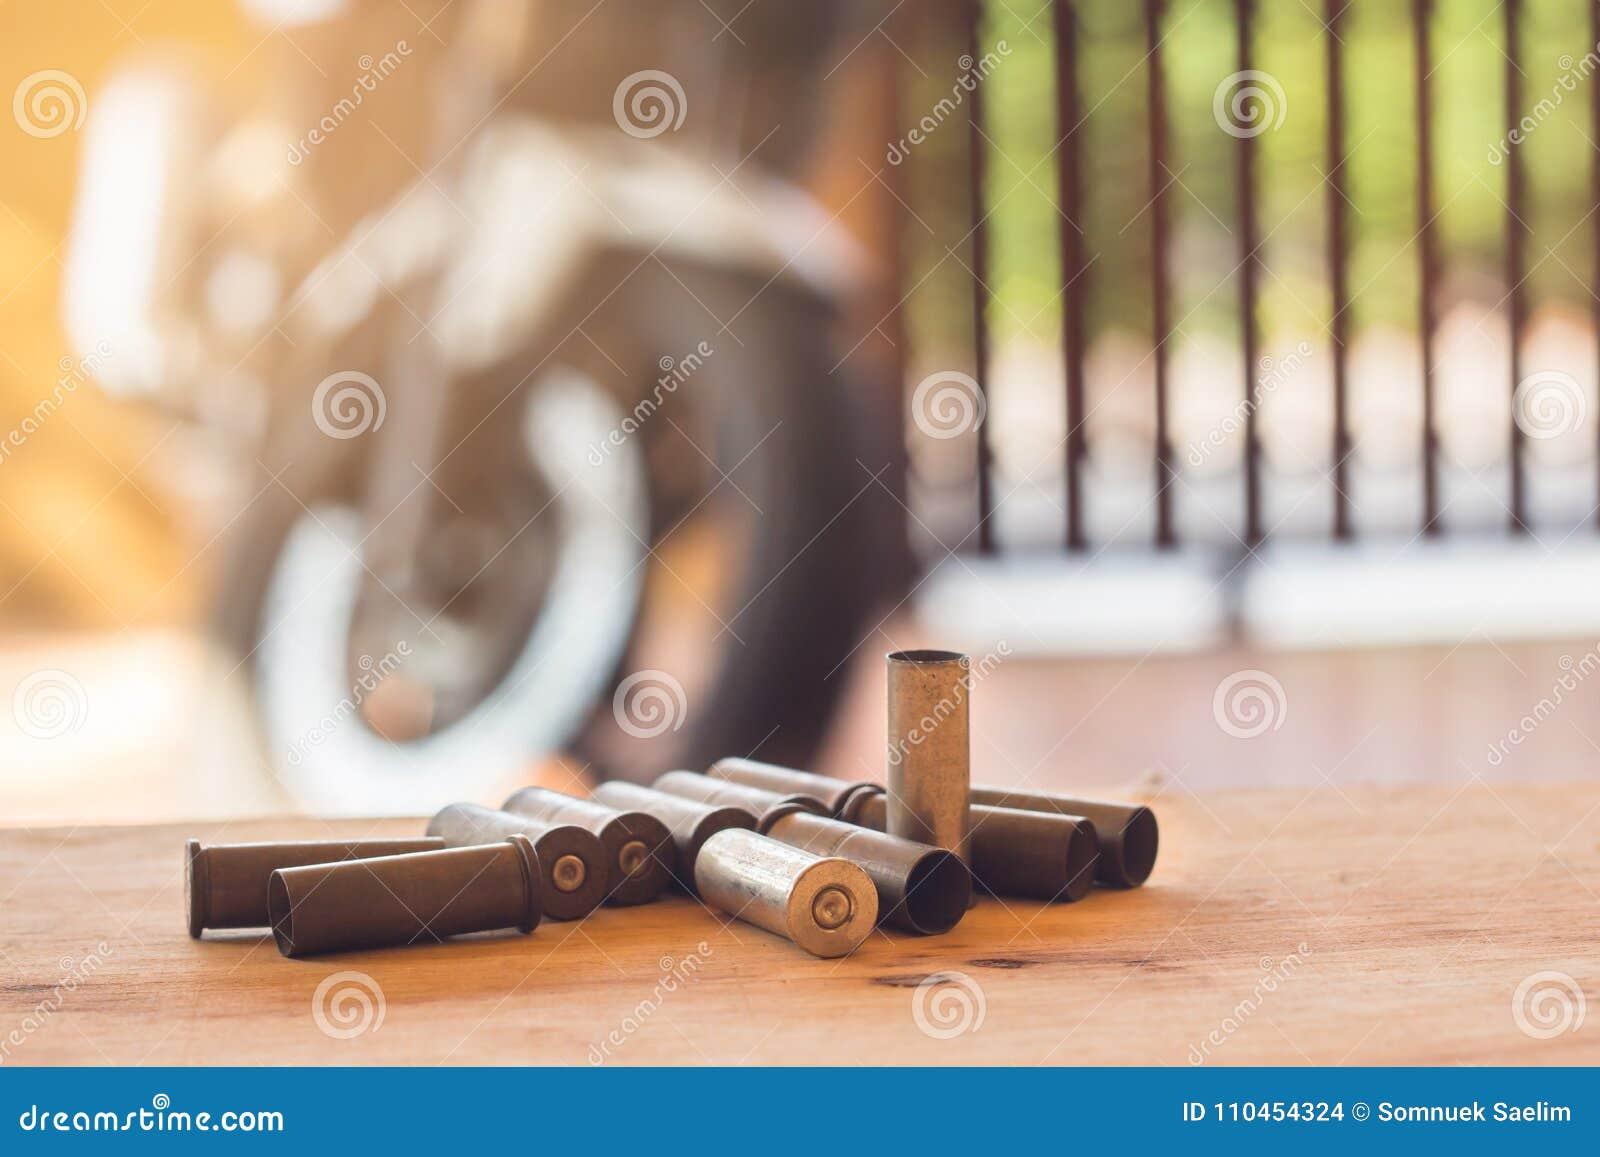 En uppsättning som är van vid av gamla kulor och kassetter på wood bakgrund